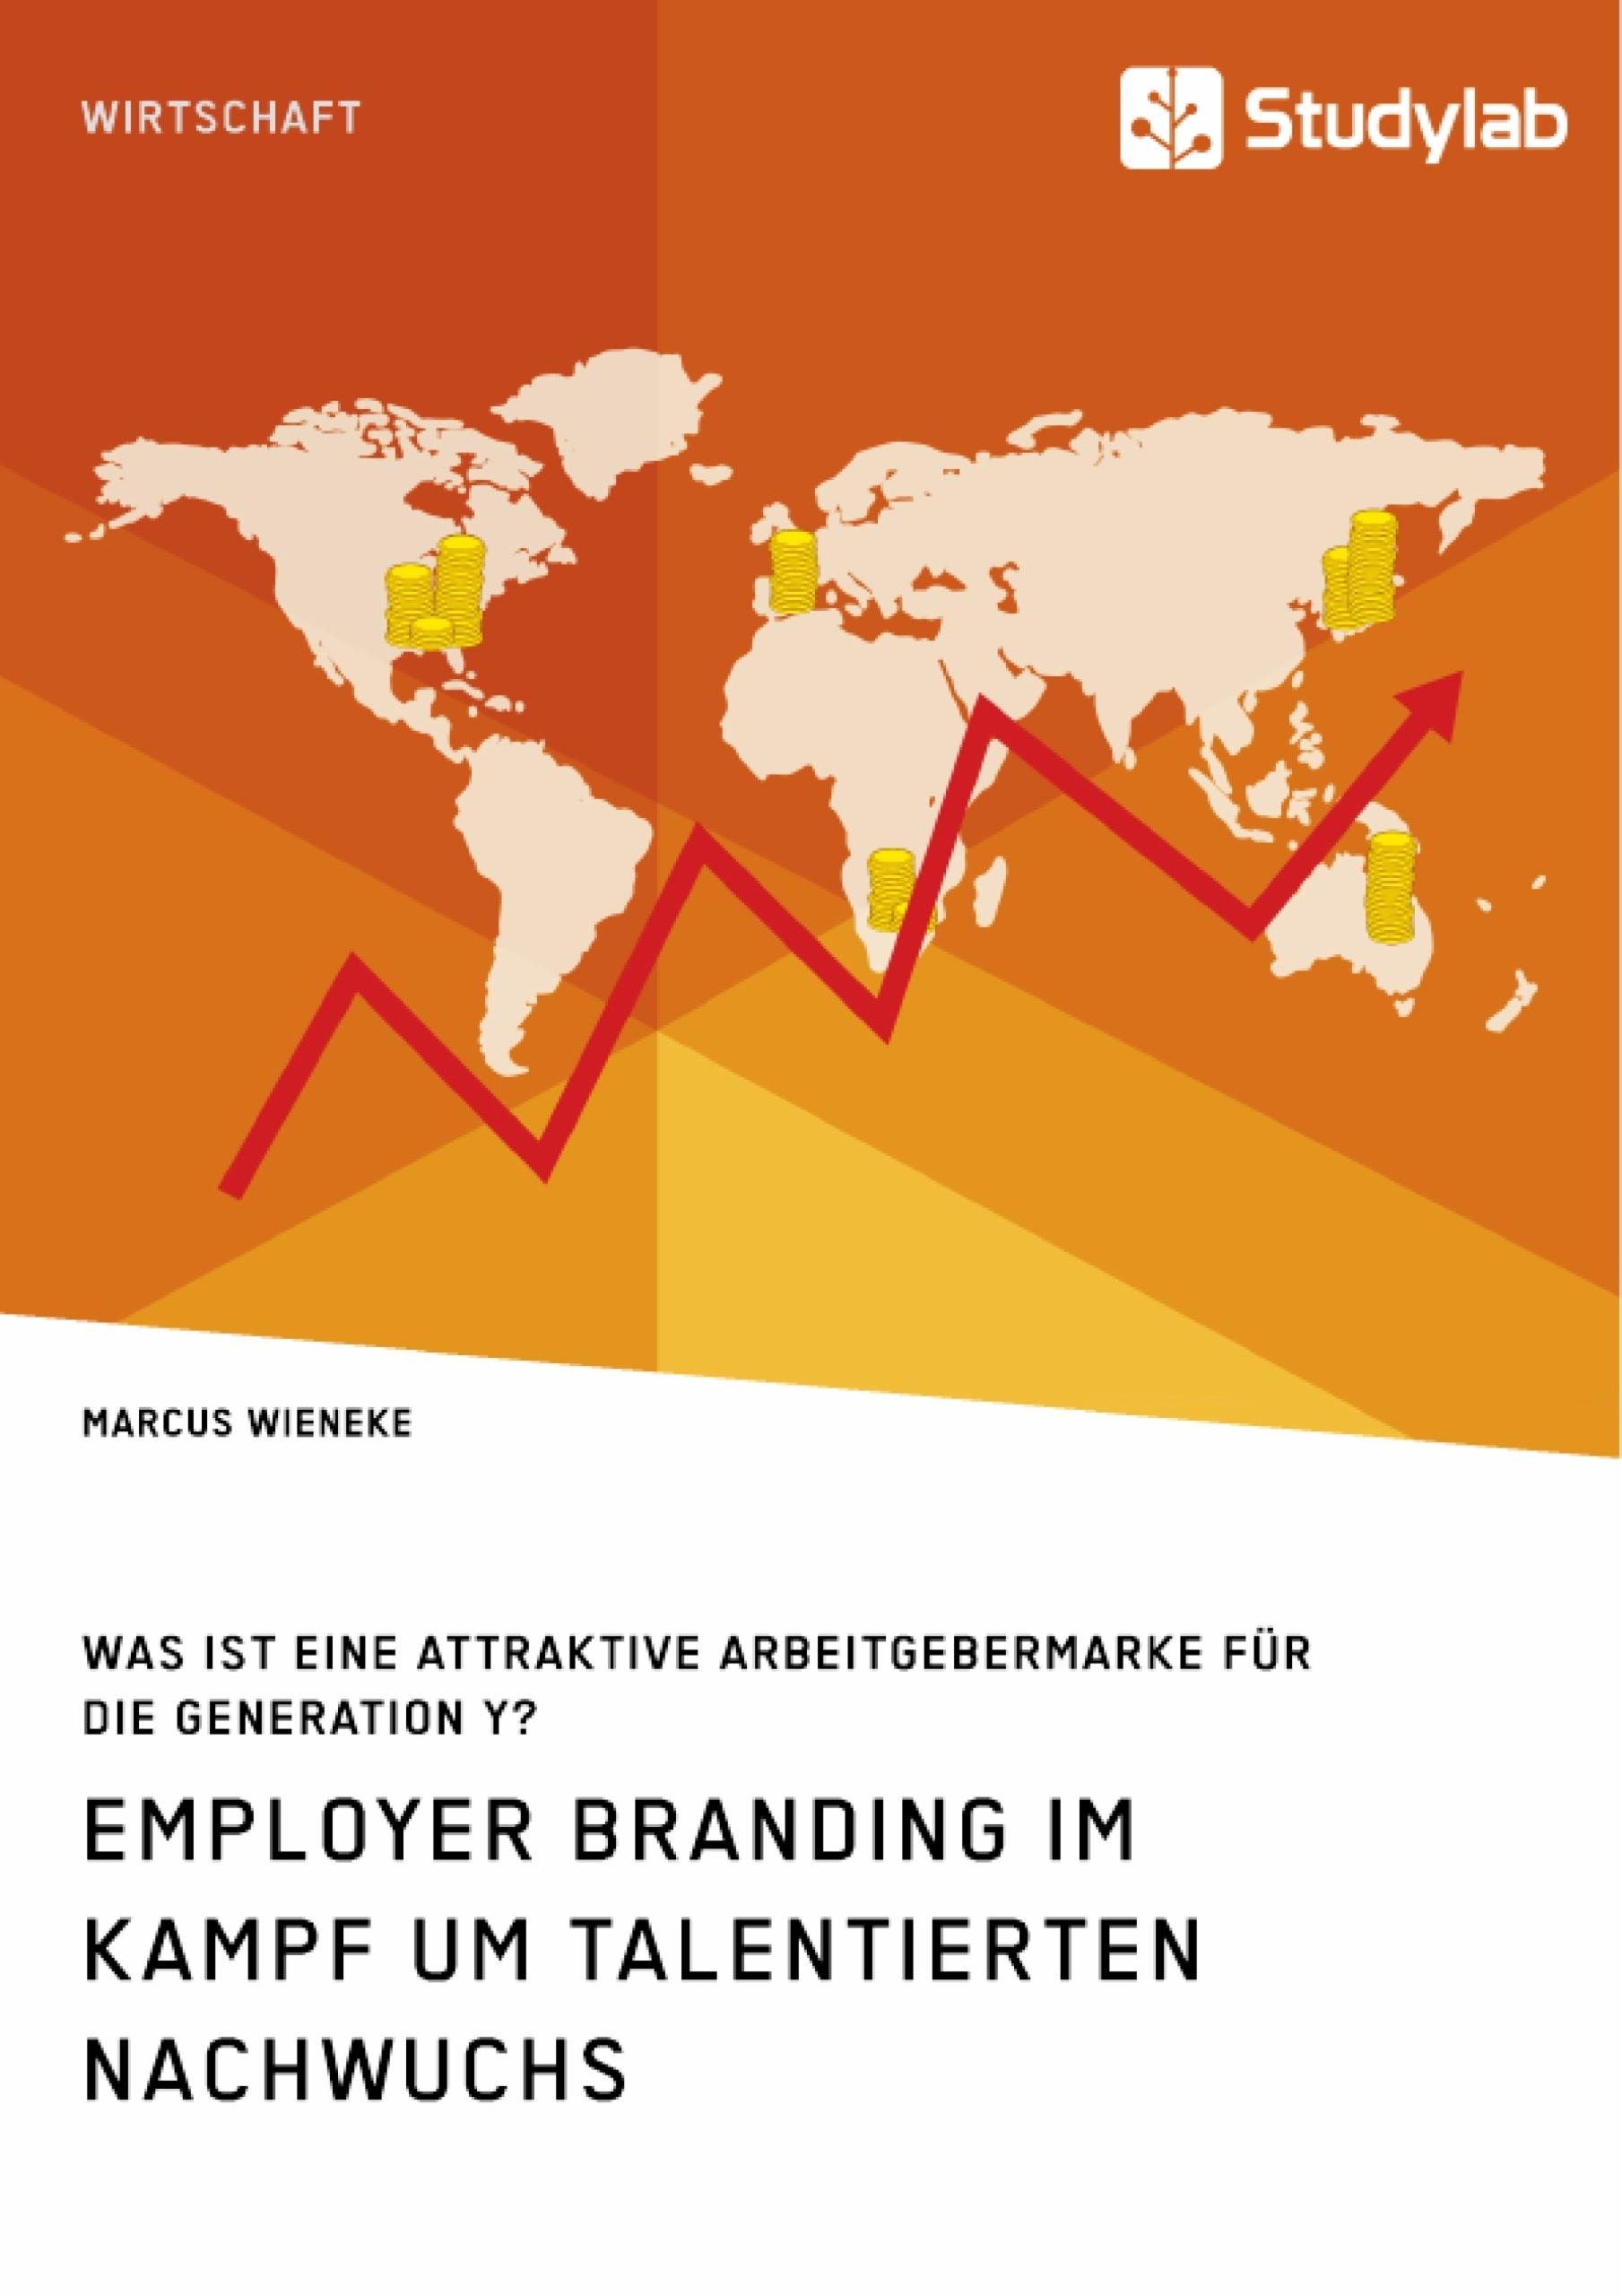 Titel: Employer Branding im Kampf um talentierten Nachwuchs. Was ist eine attraktive Arbeitgebermarke für die Generation Y?